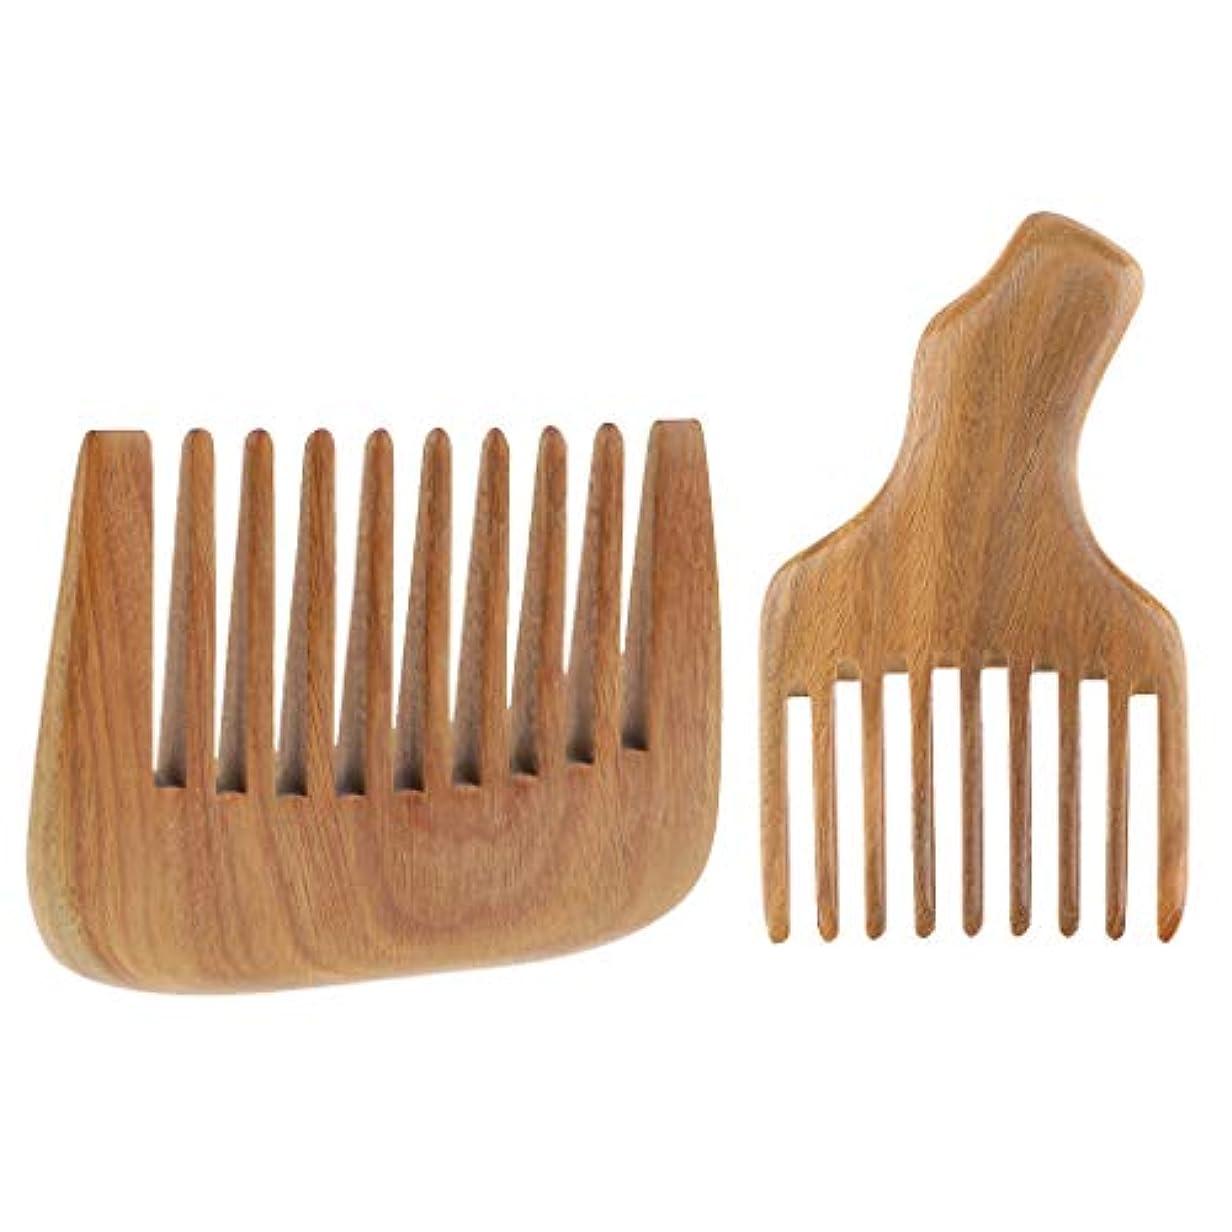 鮫出口排泄する2個 木製櫛 ウッドコーム ワイド歯 静電気防止 櫛 くし 高品質